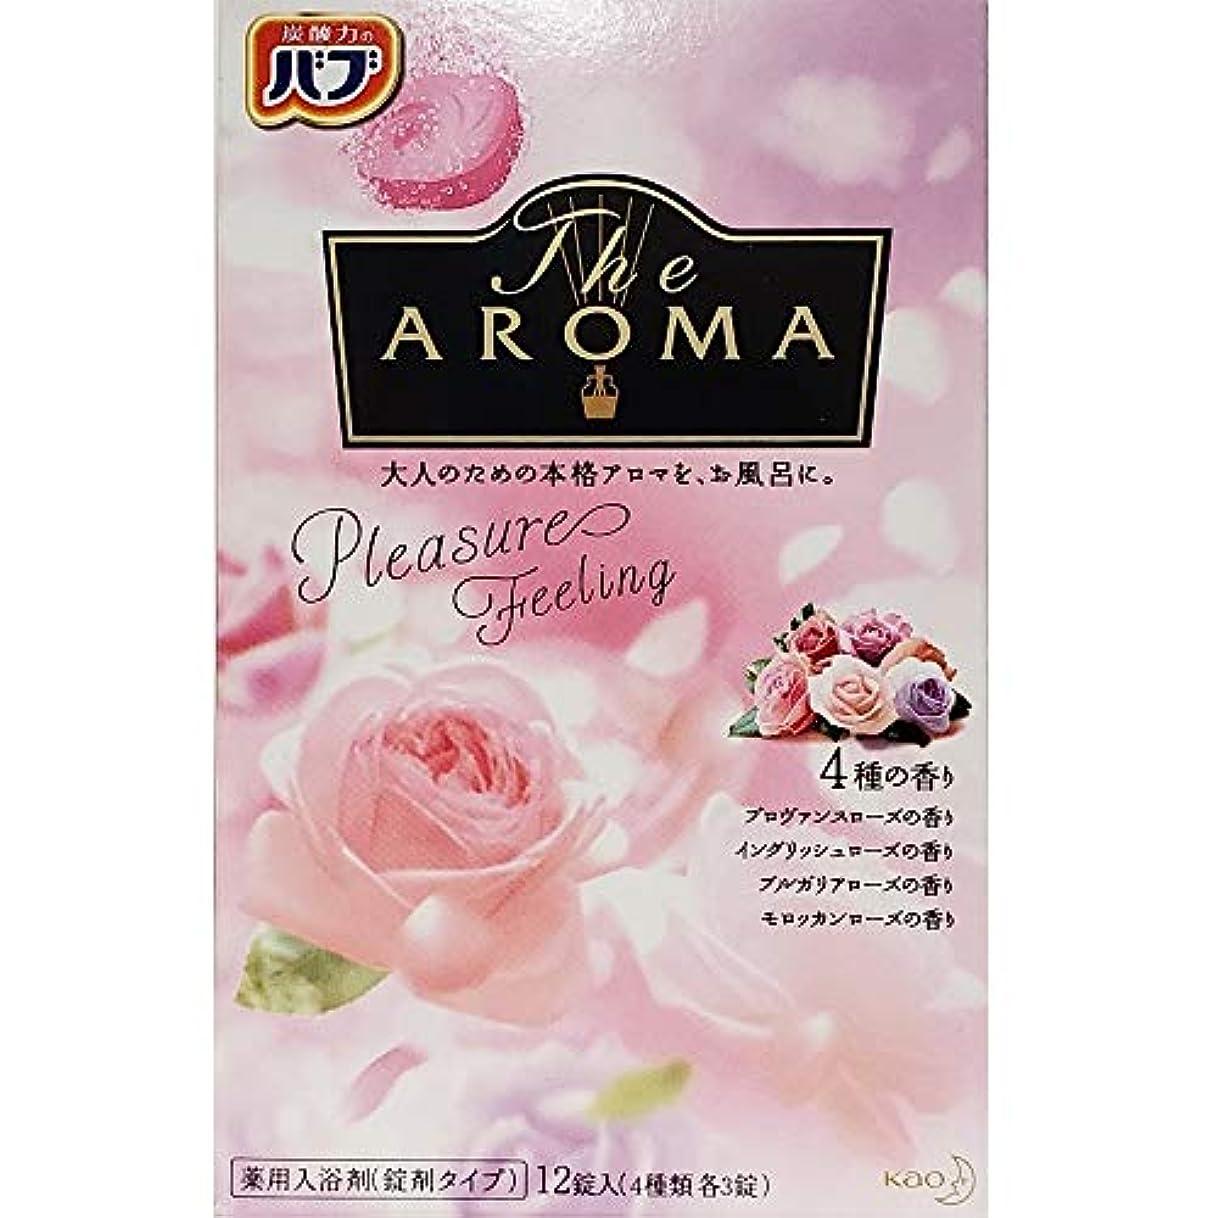 アジア限定いうバブ The Aroma Pleasure Feeling 40g×12錠(4種類 各3錠) 医薬部外品